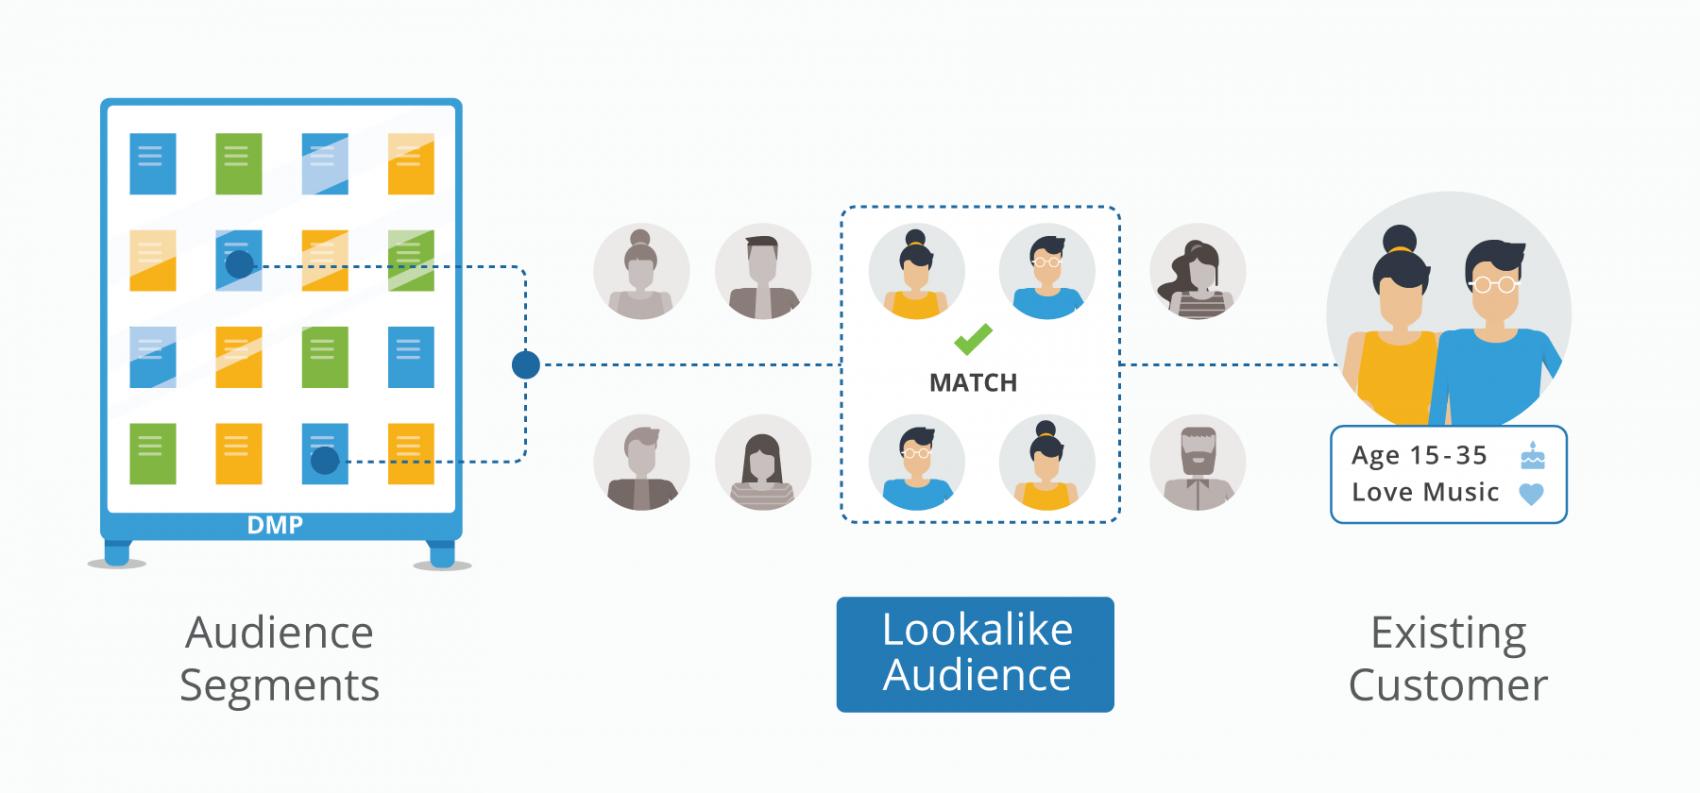 segmenter une audience pour optimiser les ventes